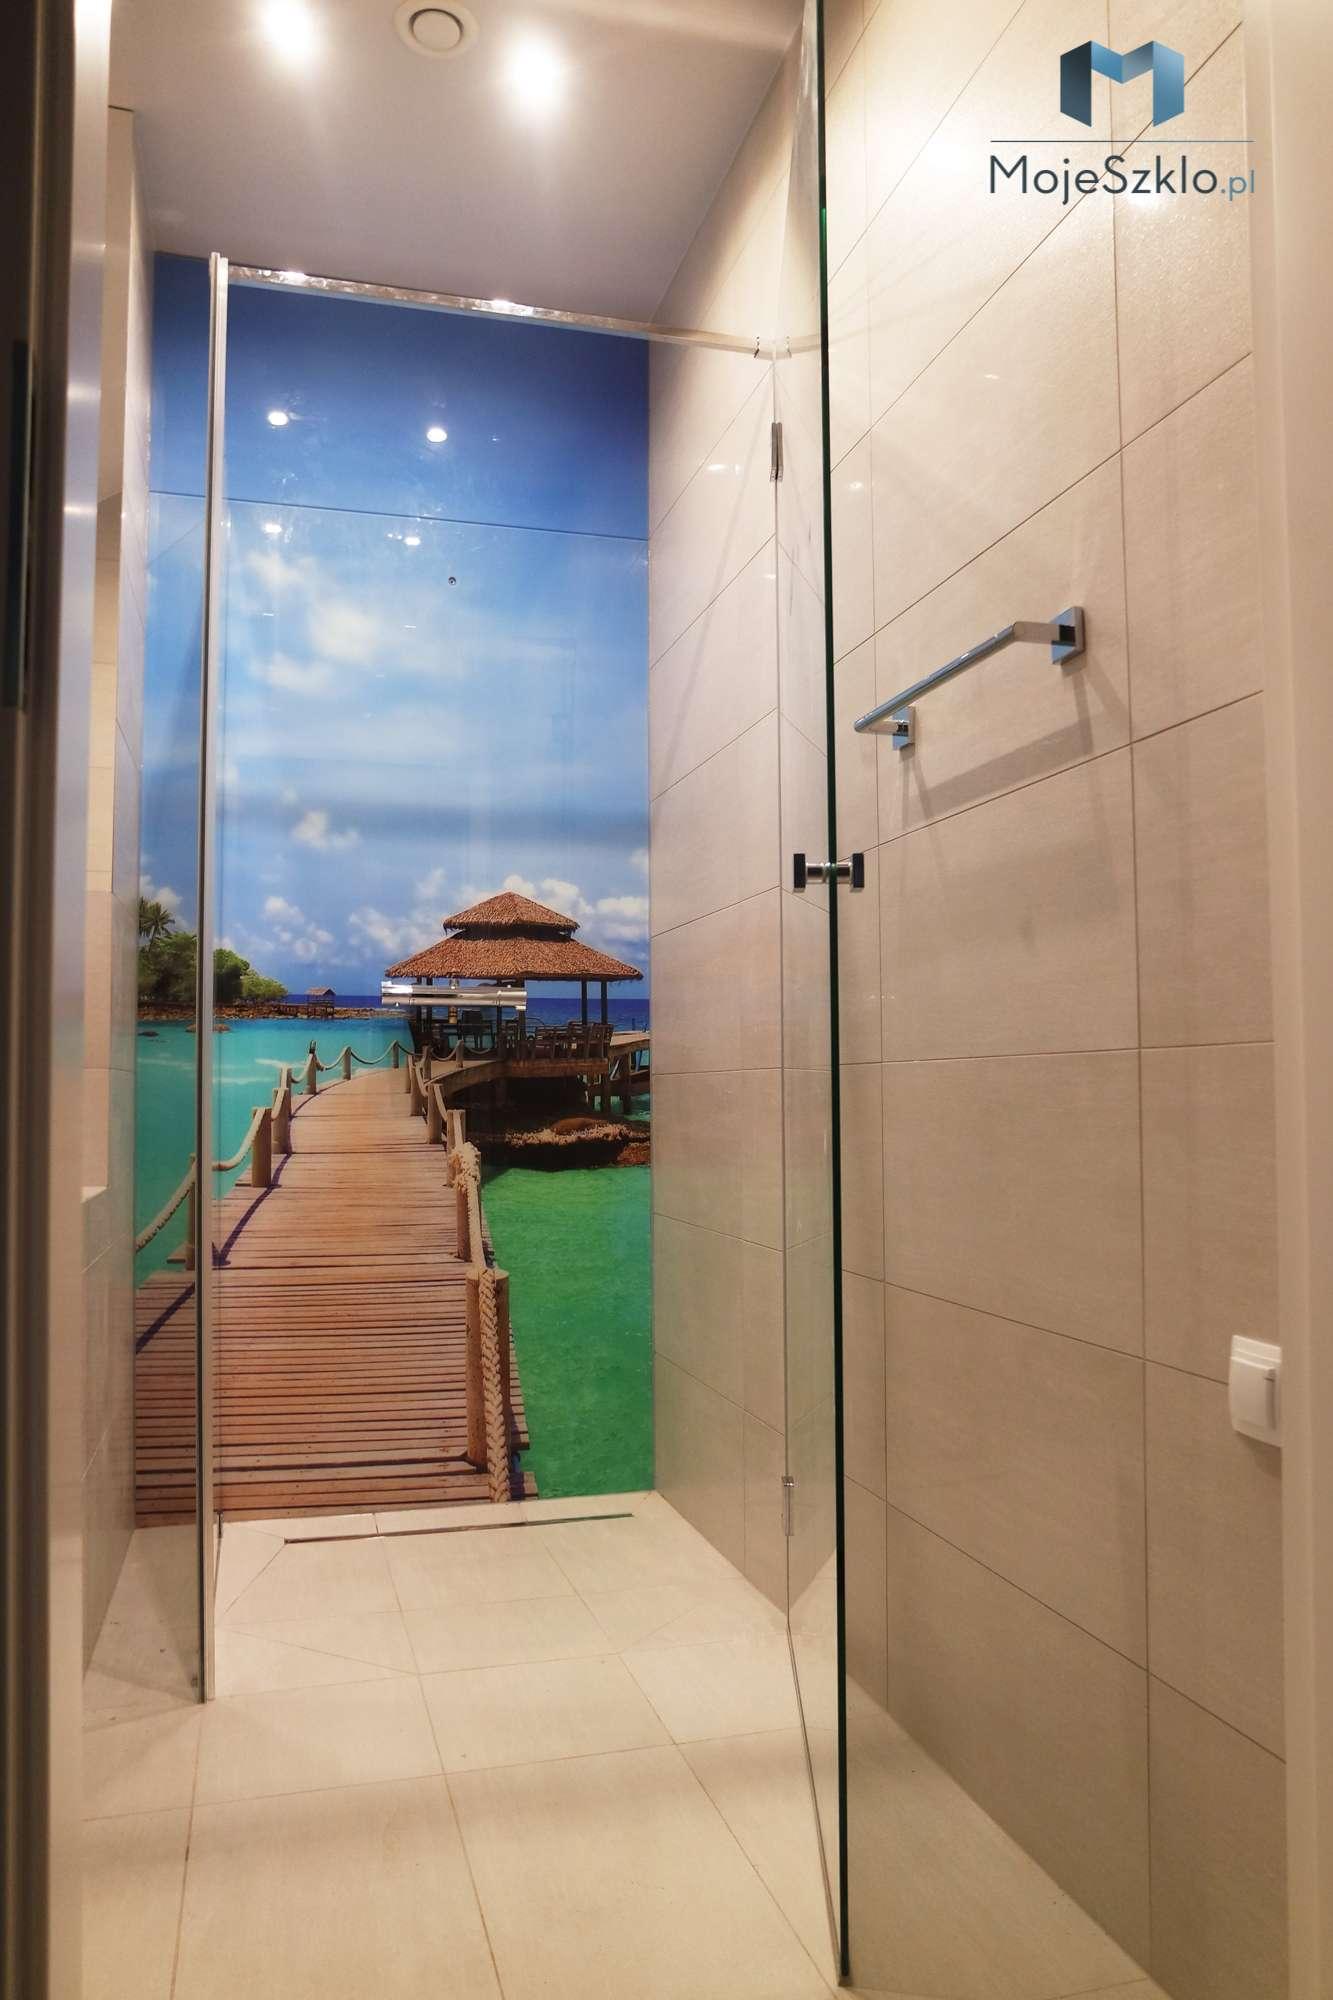 Panel Szklany Na Wymiar - Panele szklane do łazienki na wymiar